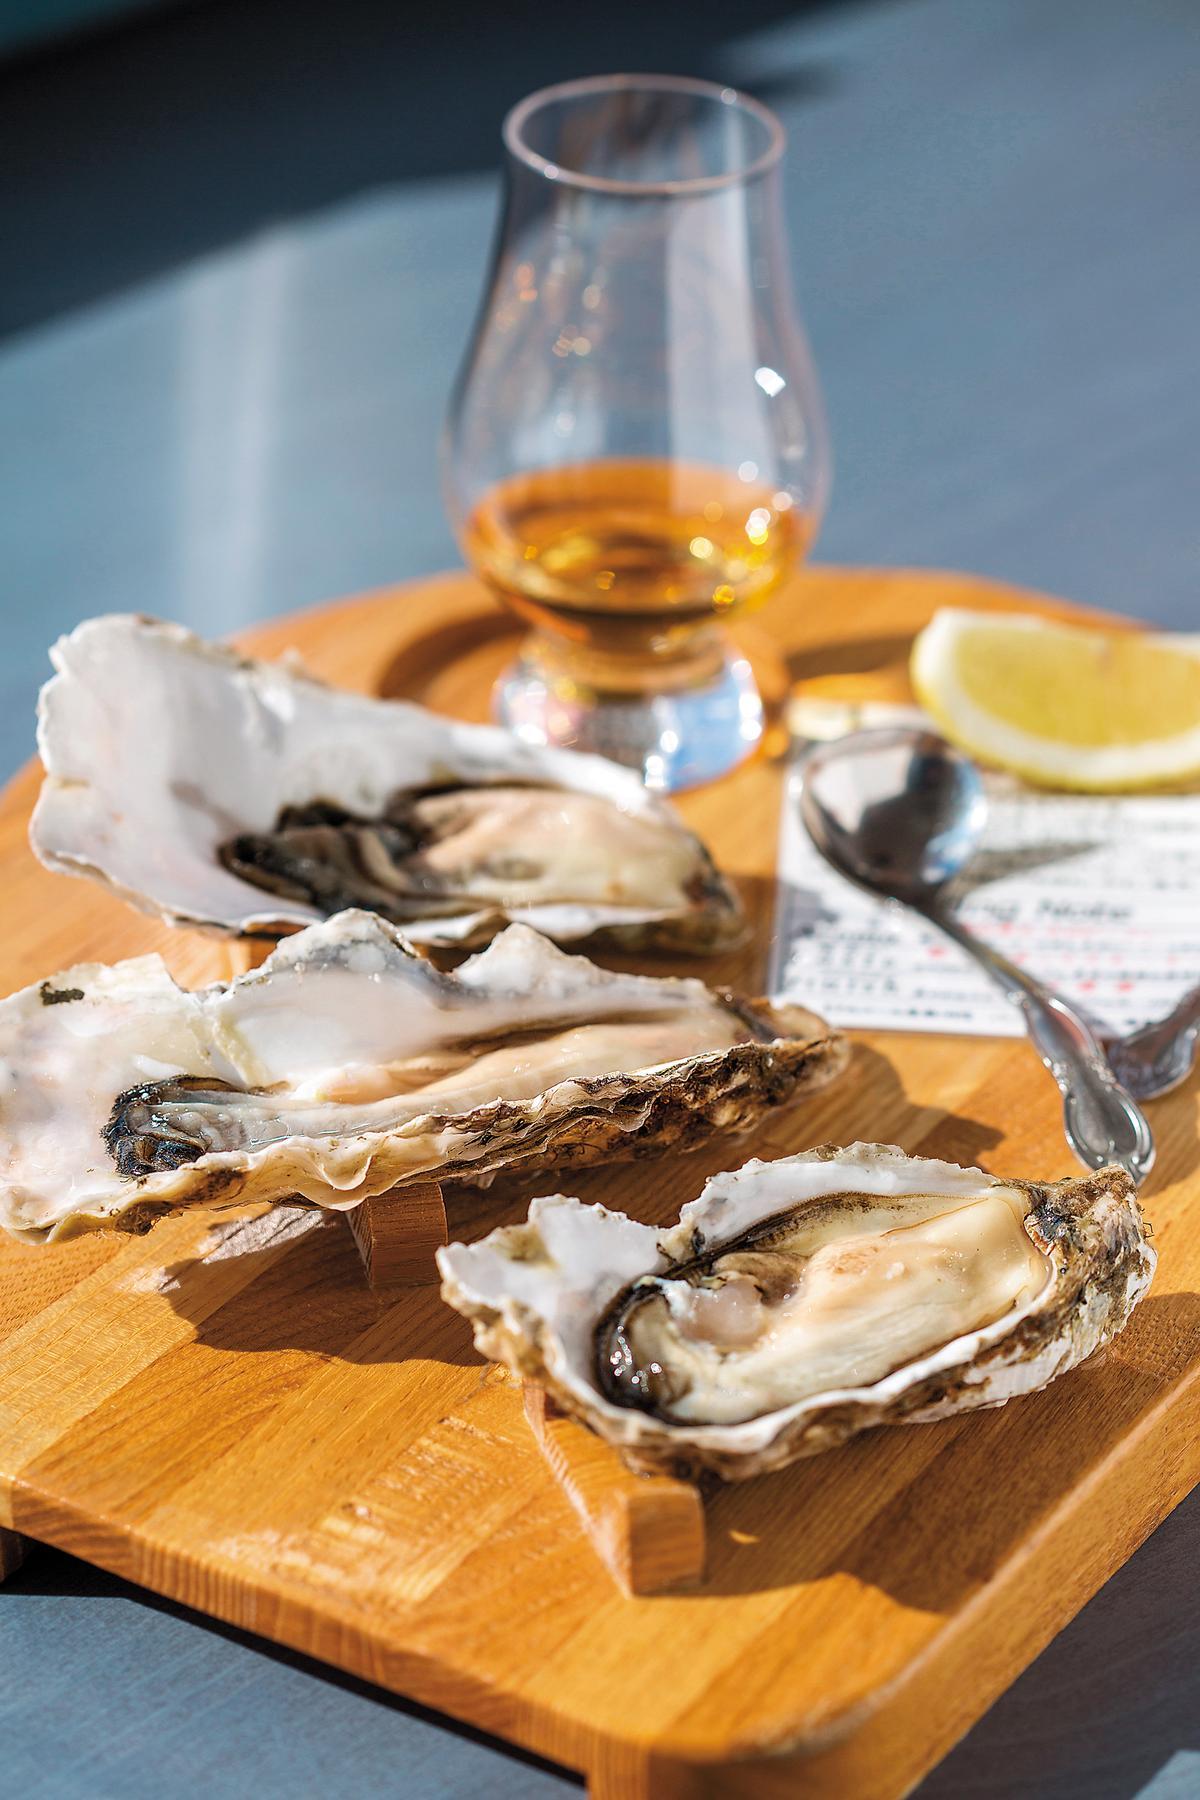 淋上威士忌,品嘗新鮮的生牡蠣,是無上享受。(1,500日圓/份,約NT$390)